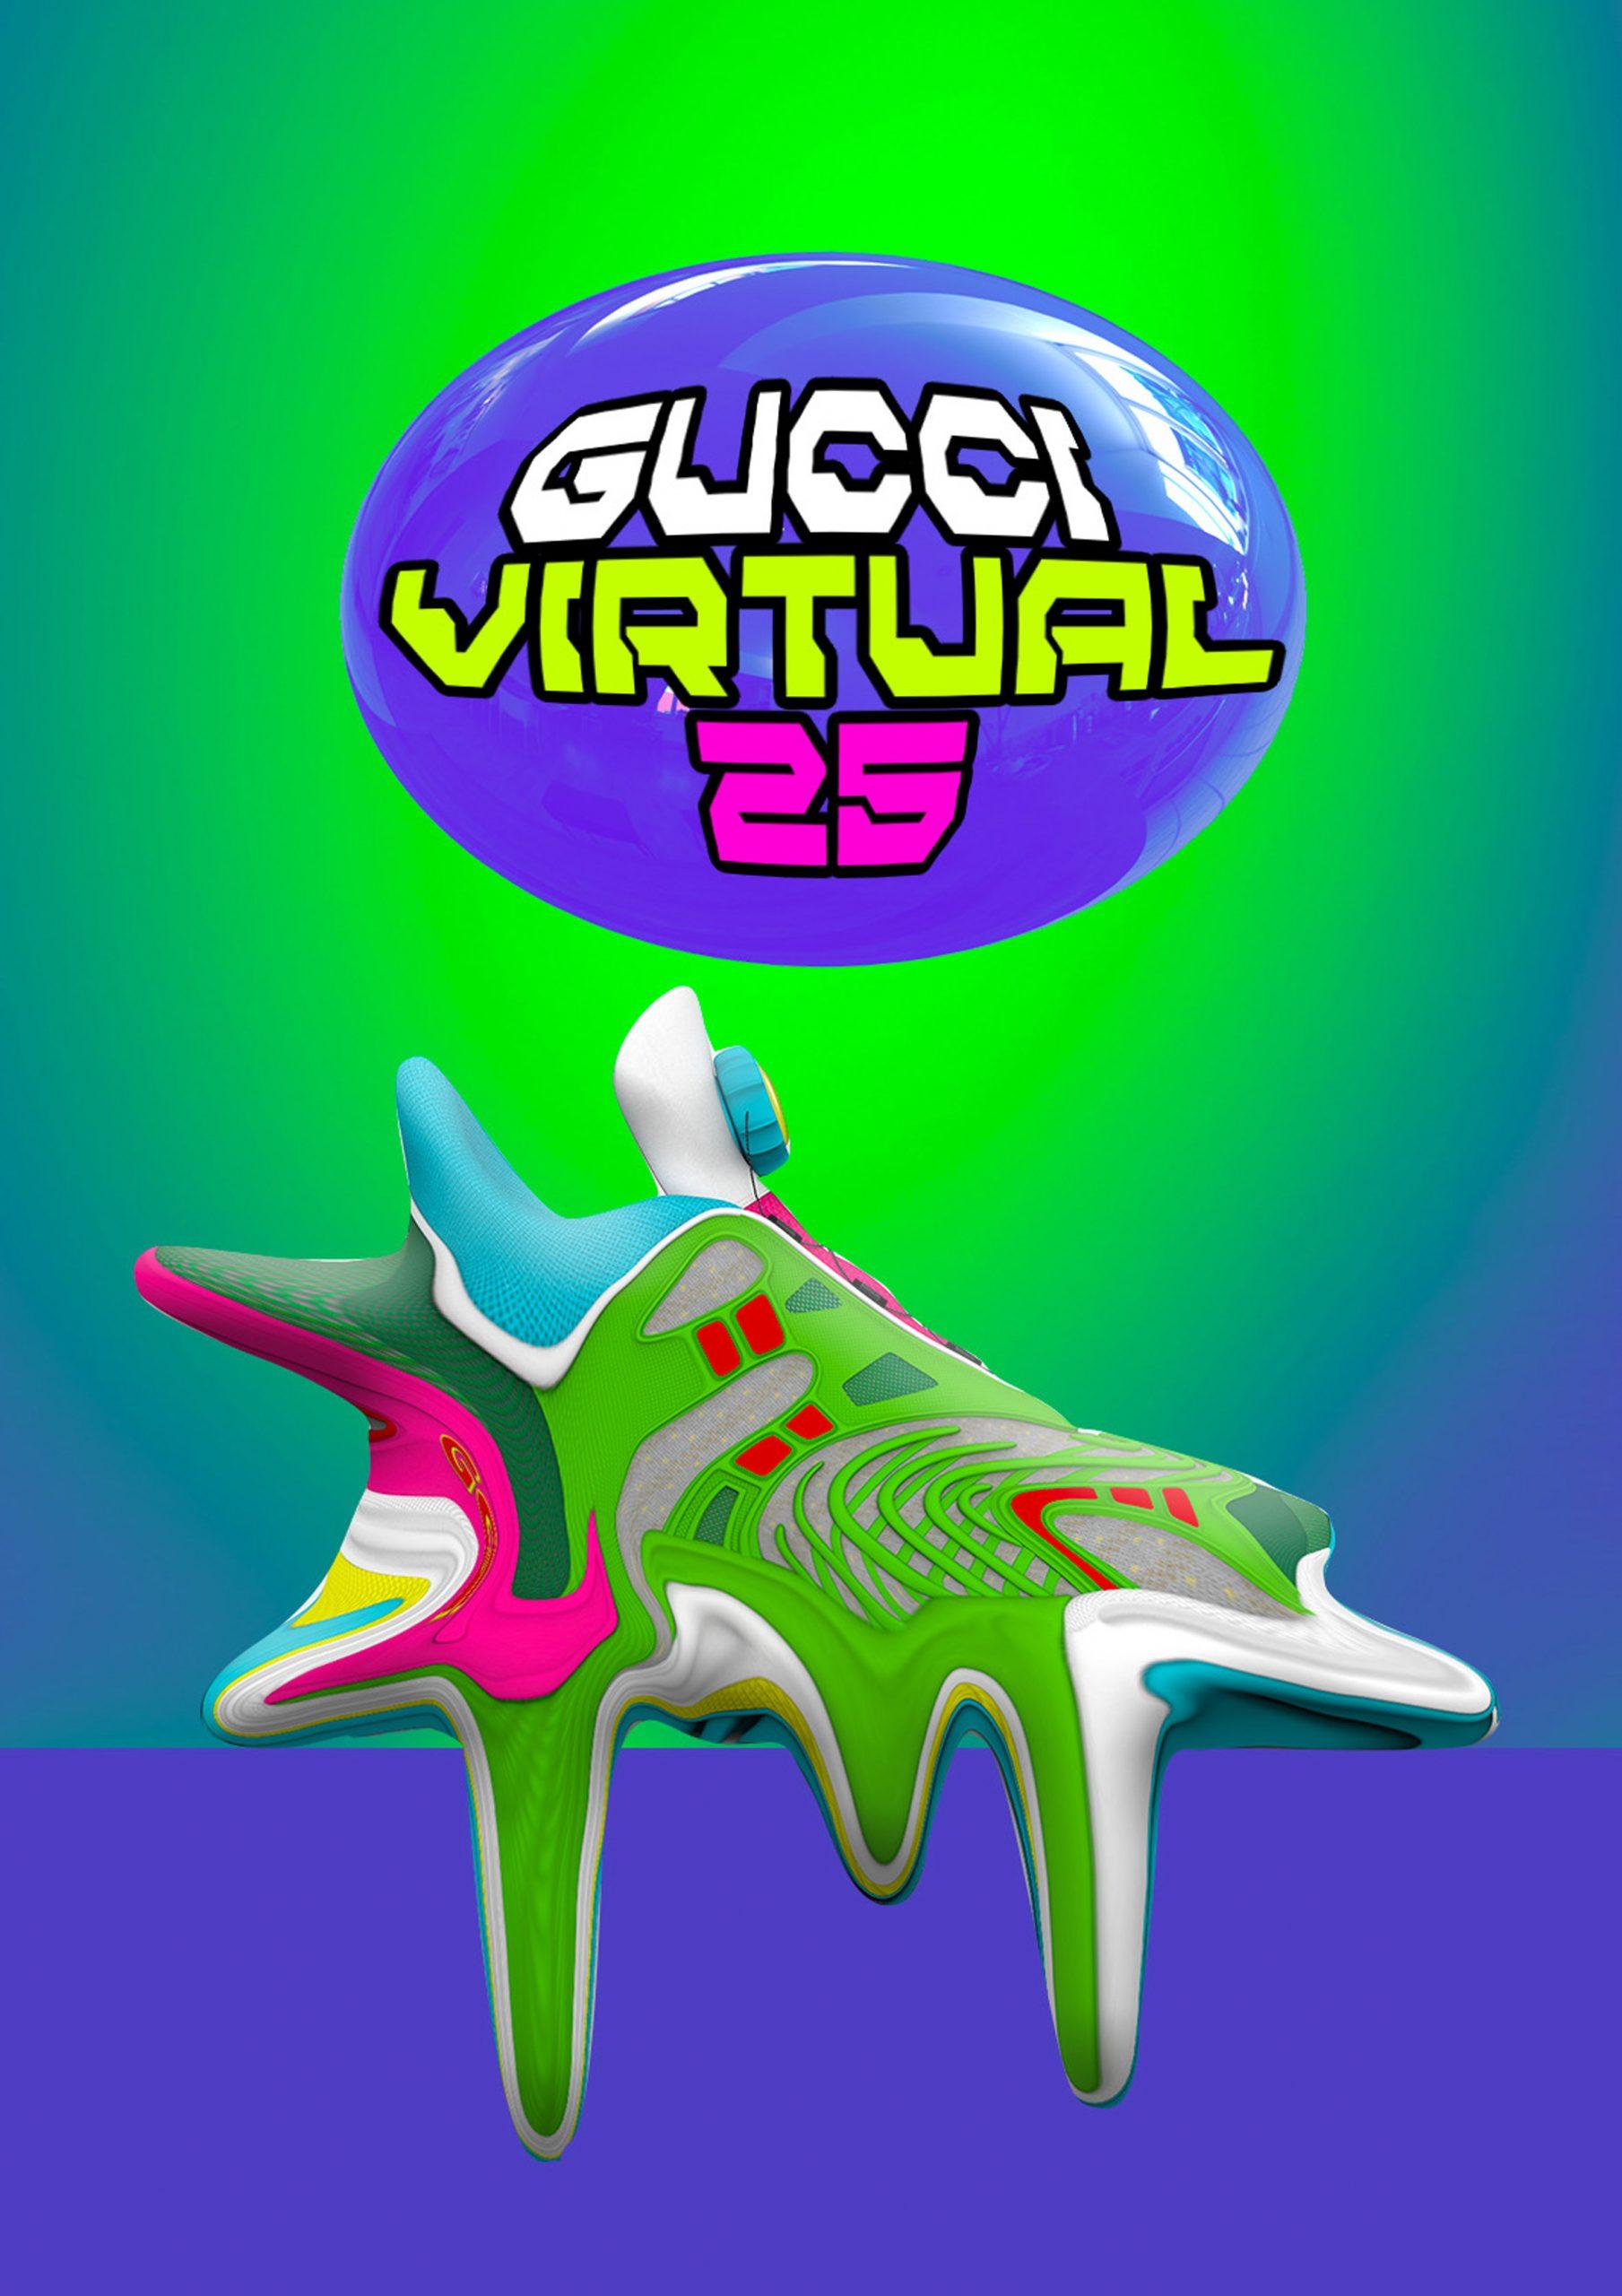 Gucci Virtual 25 trainer wallpaper